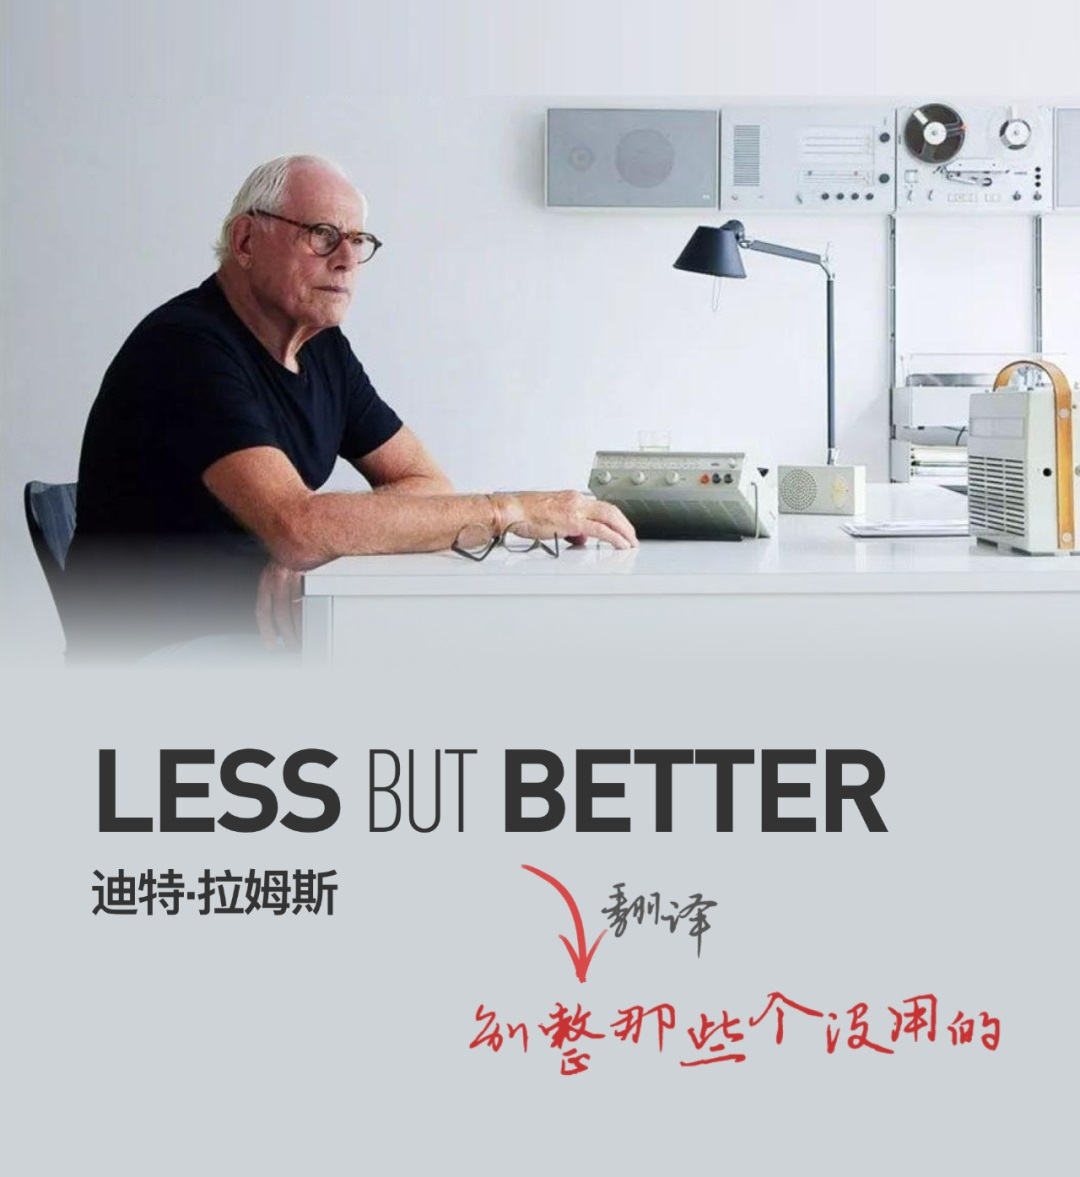 喬布斯最為推崇的「侘寂」美學,如何運用到產品設計里?